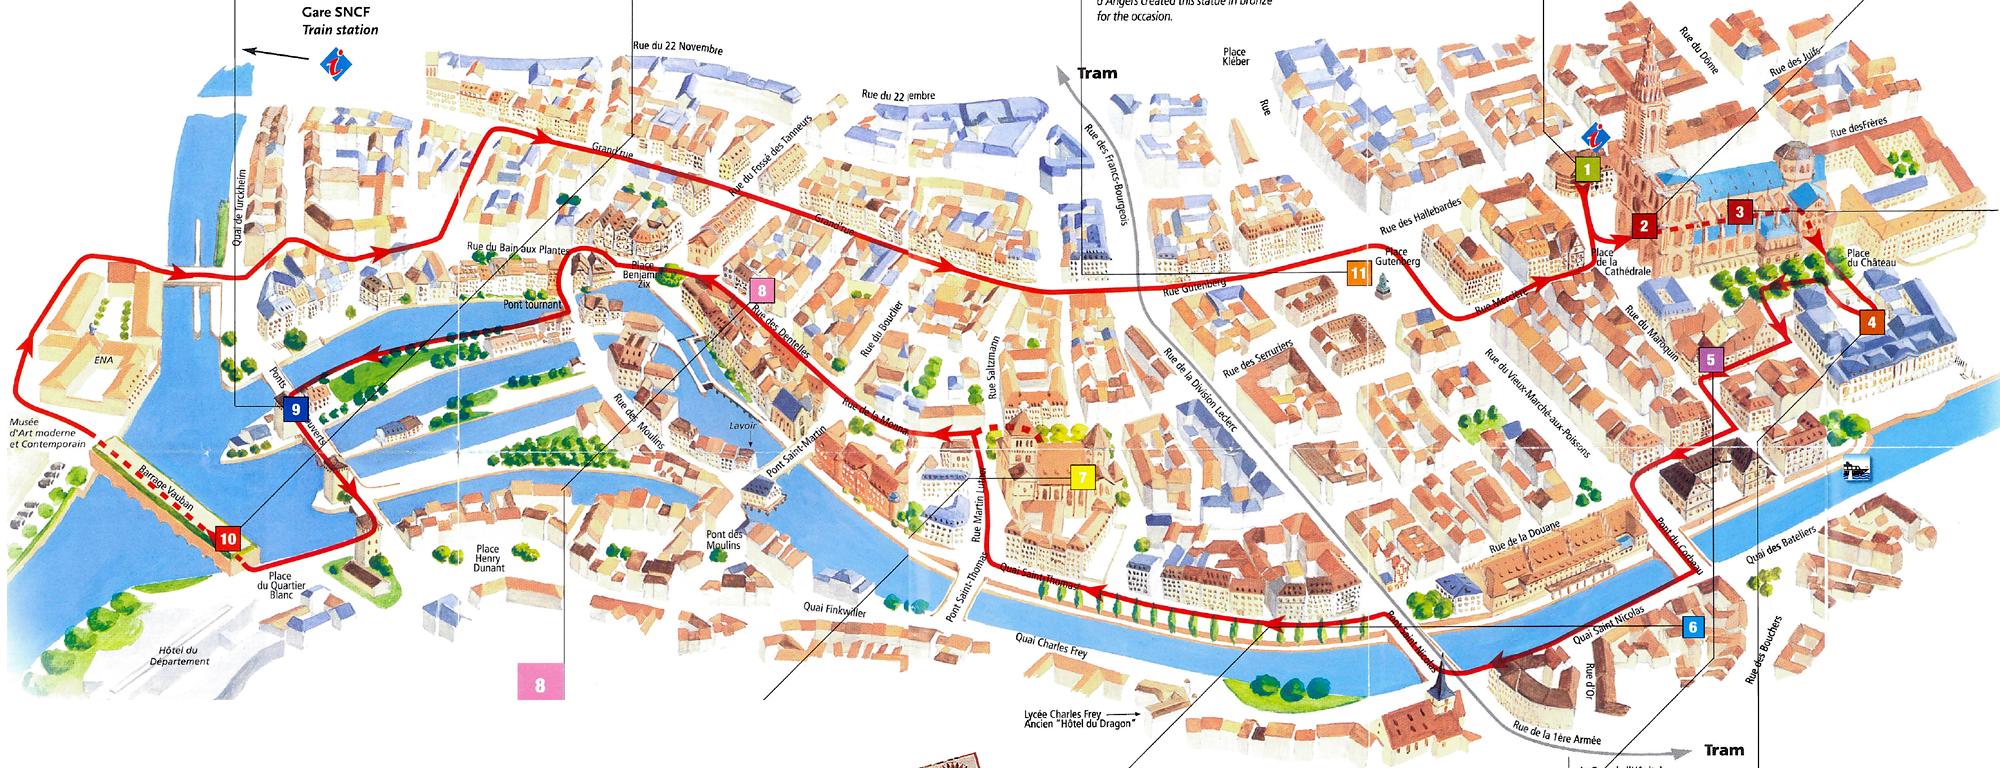 budapest látványosságai térkép Fekete erdő 2013.08.24   2013.08.31. budapest látványosságai térkép